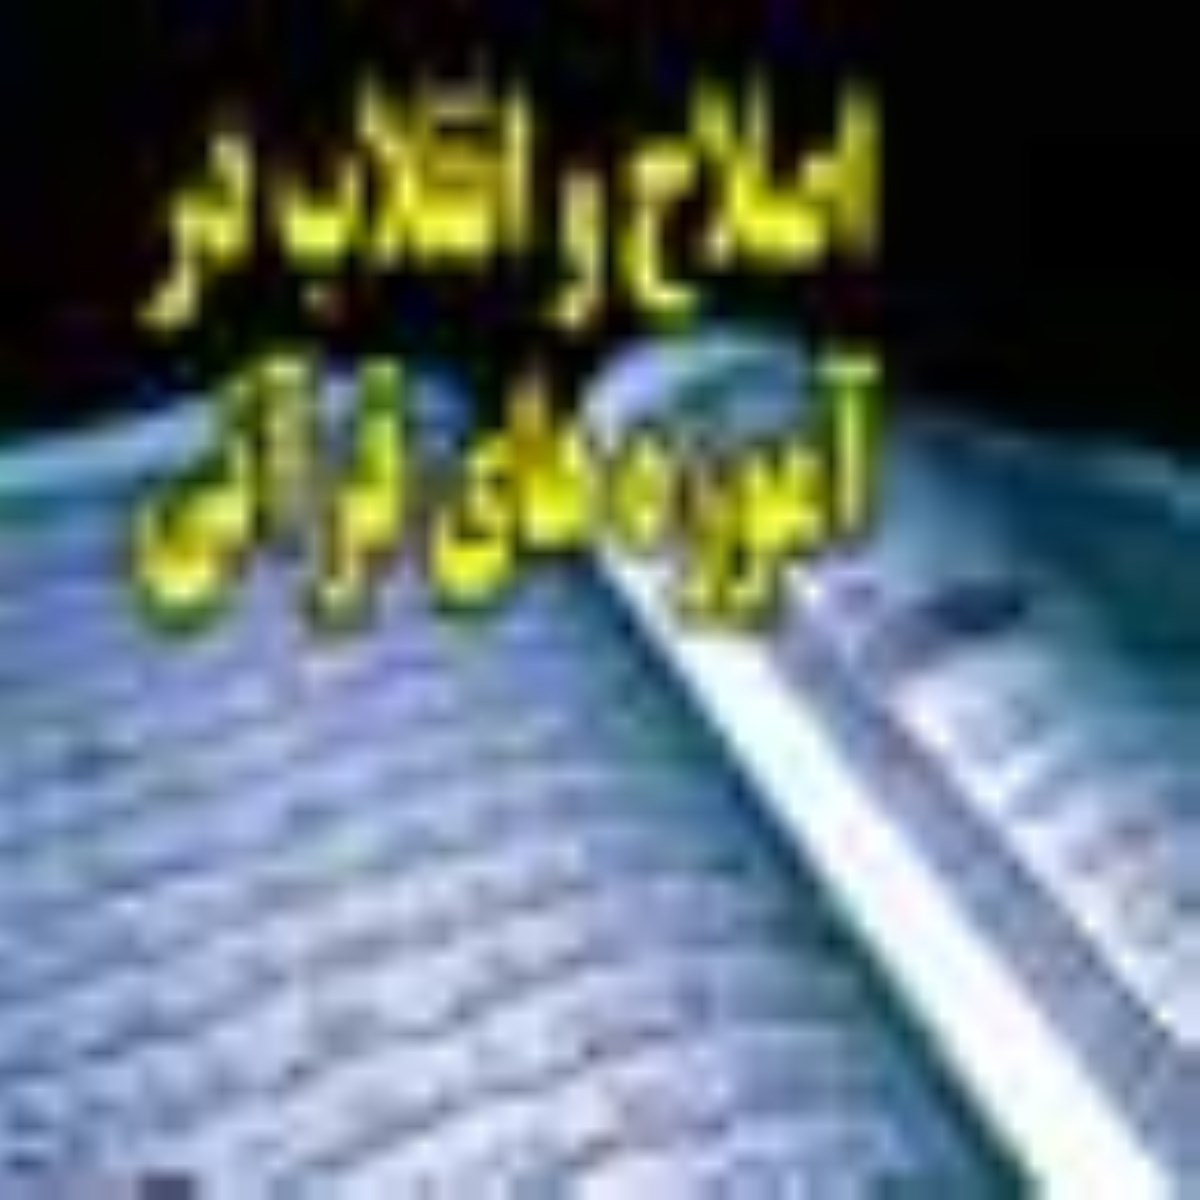 اصلاح و انقلاب در آموزههاى قرآنى (قسمت اول)